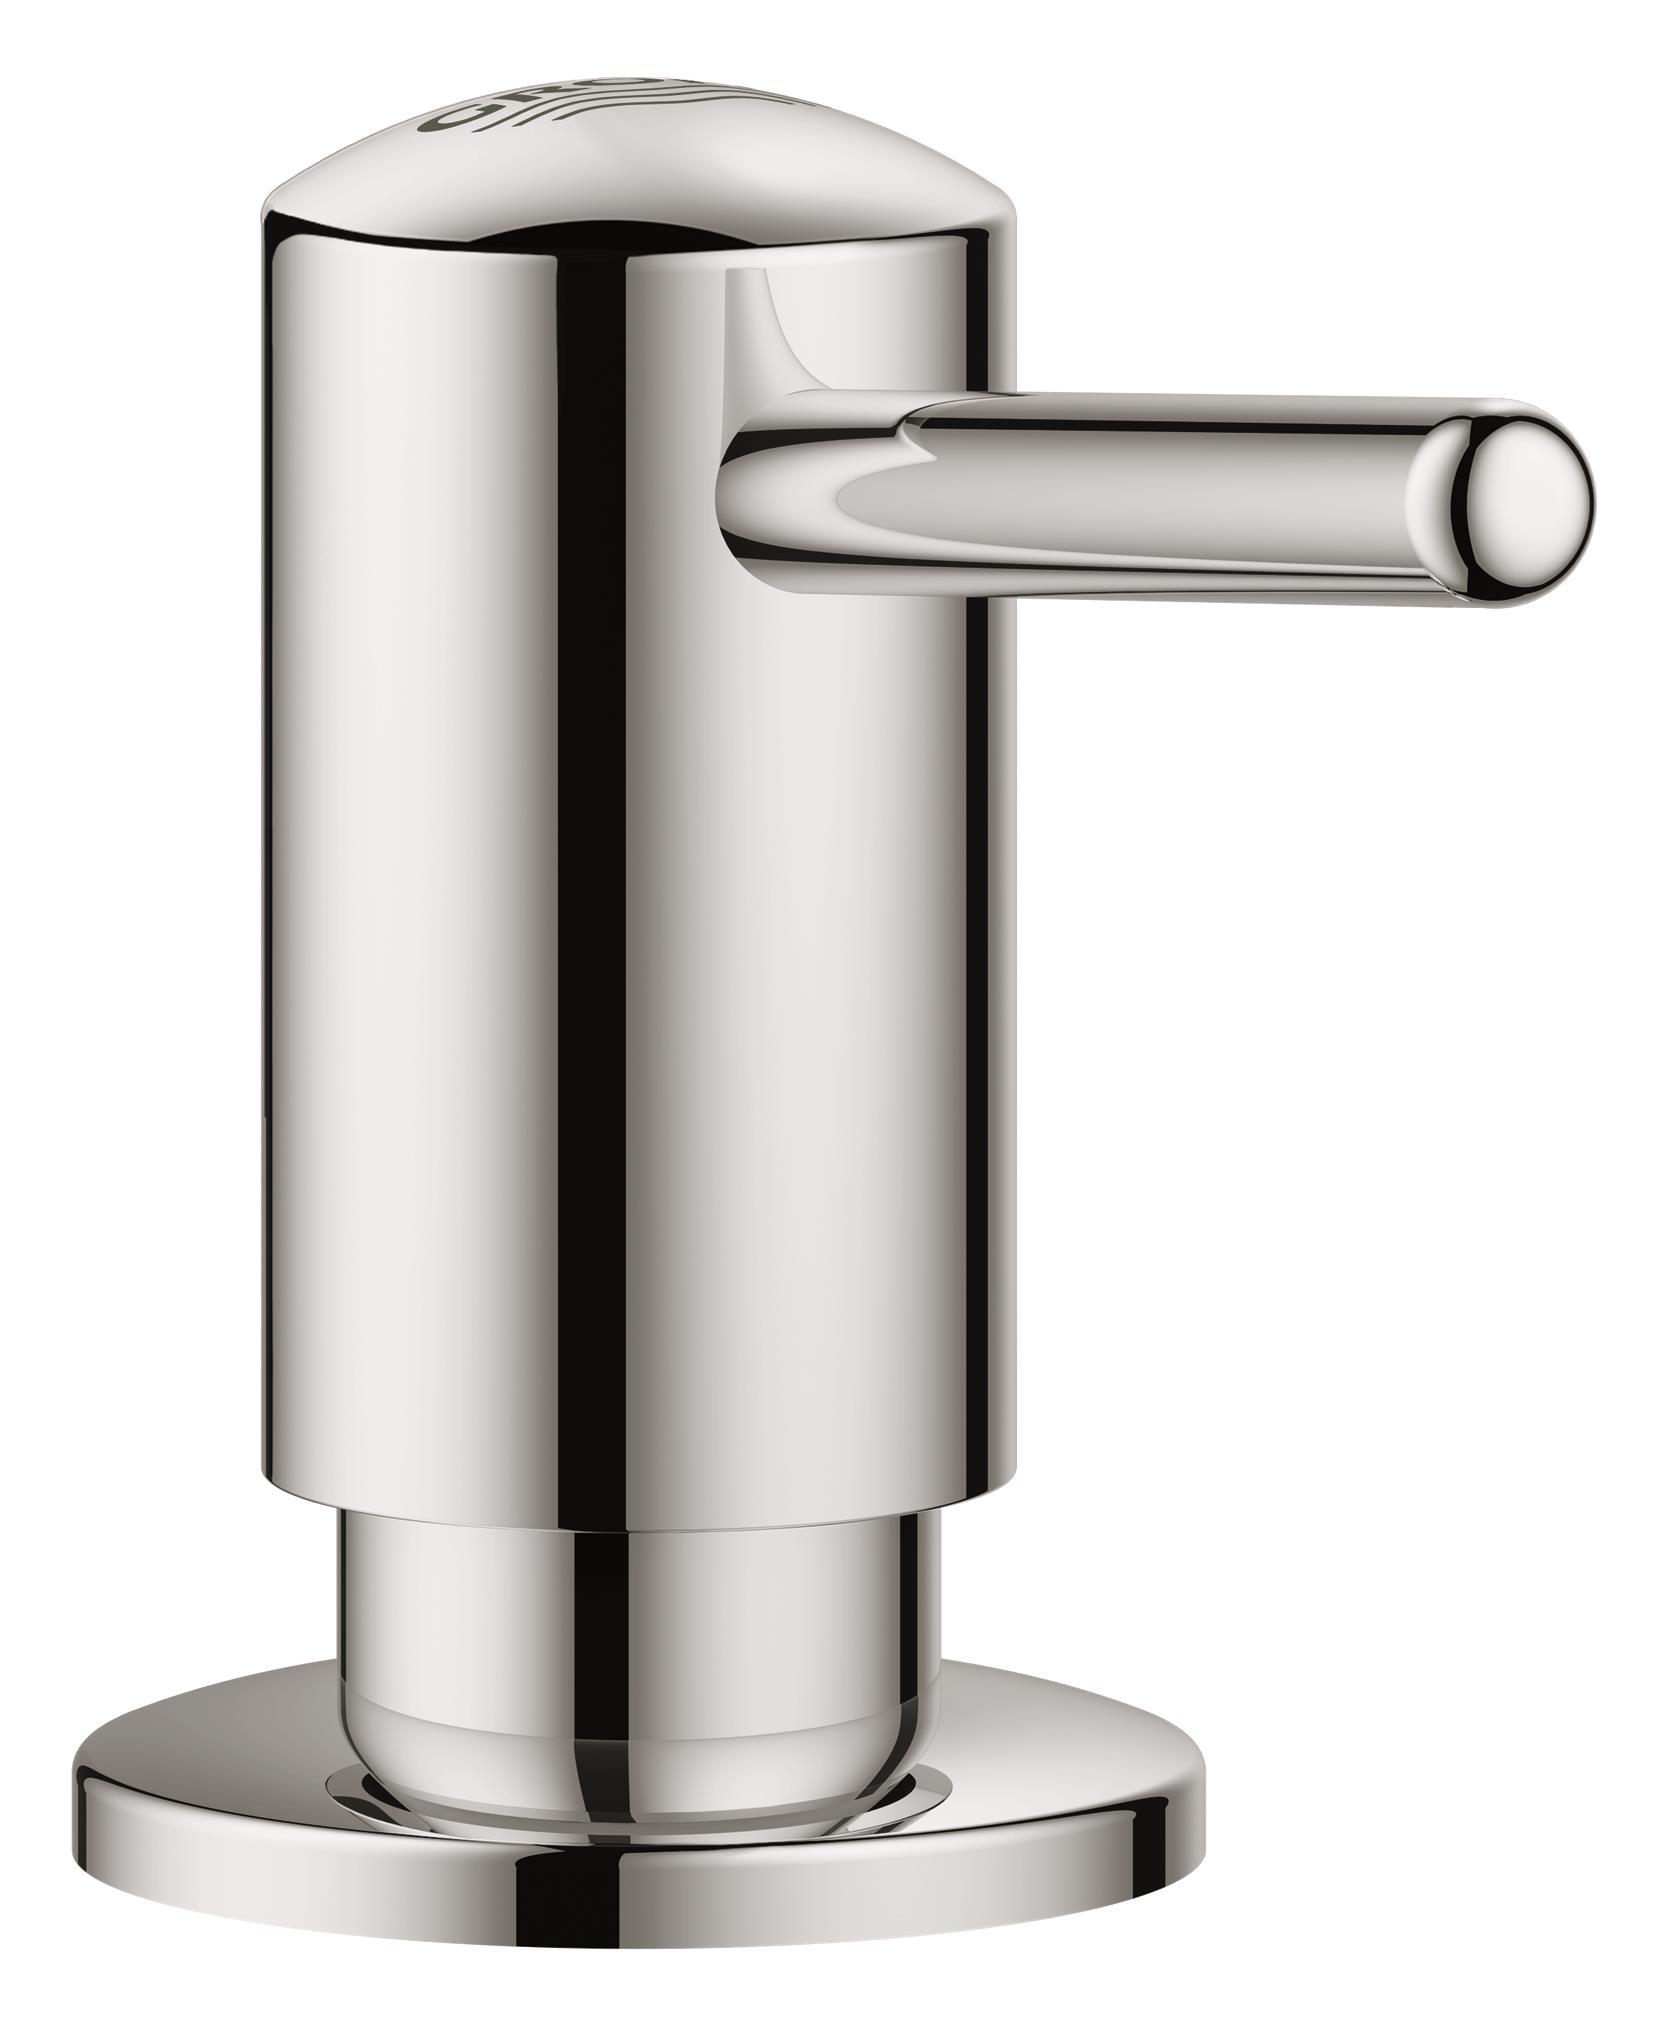 Дозатор жидкого мыла Grohe Contemporary40536000Для жидкого мыла, Запасная емкость 0,4 л GROHE StarLight хромированная поверхность